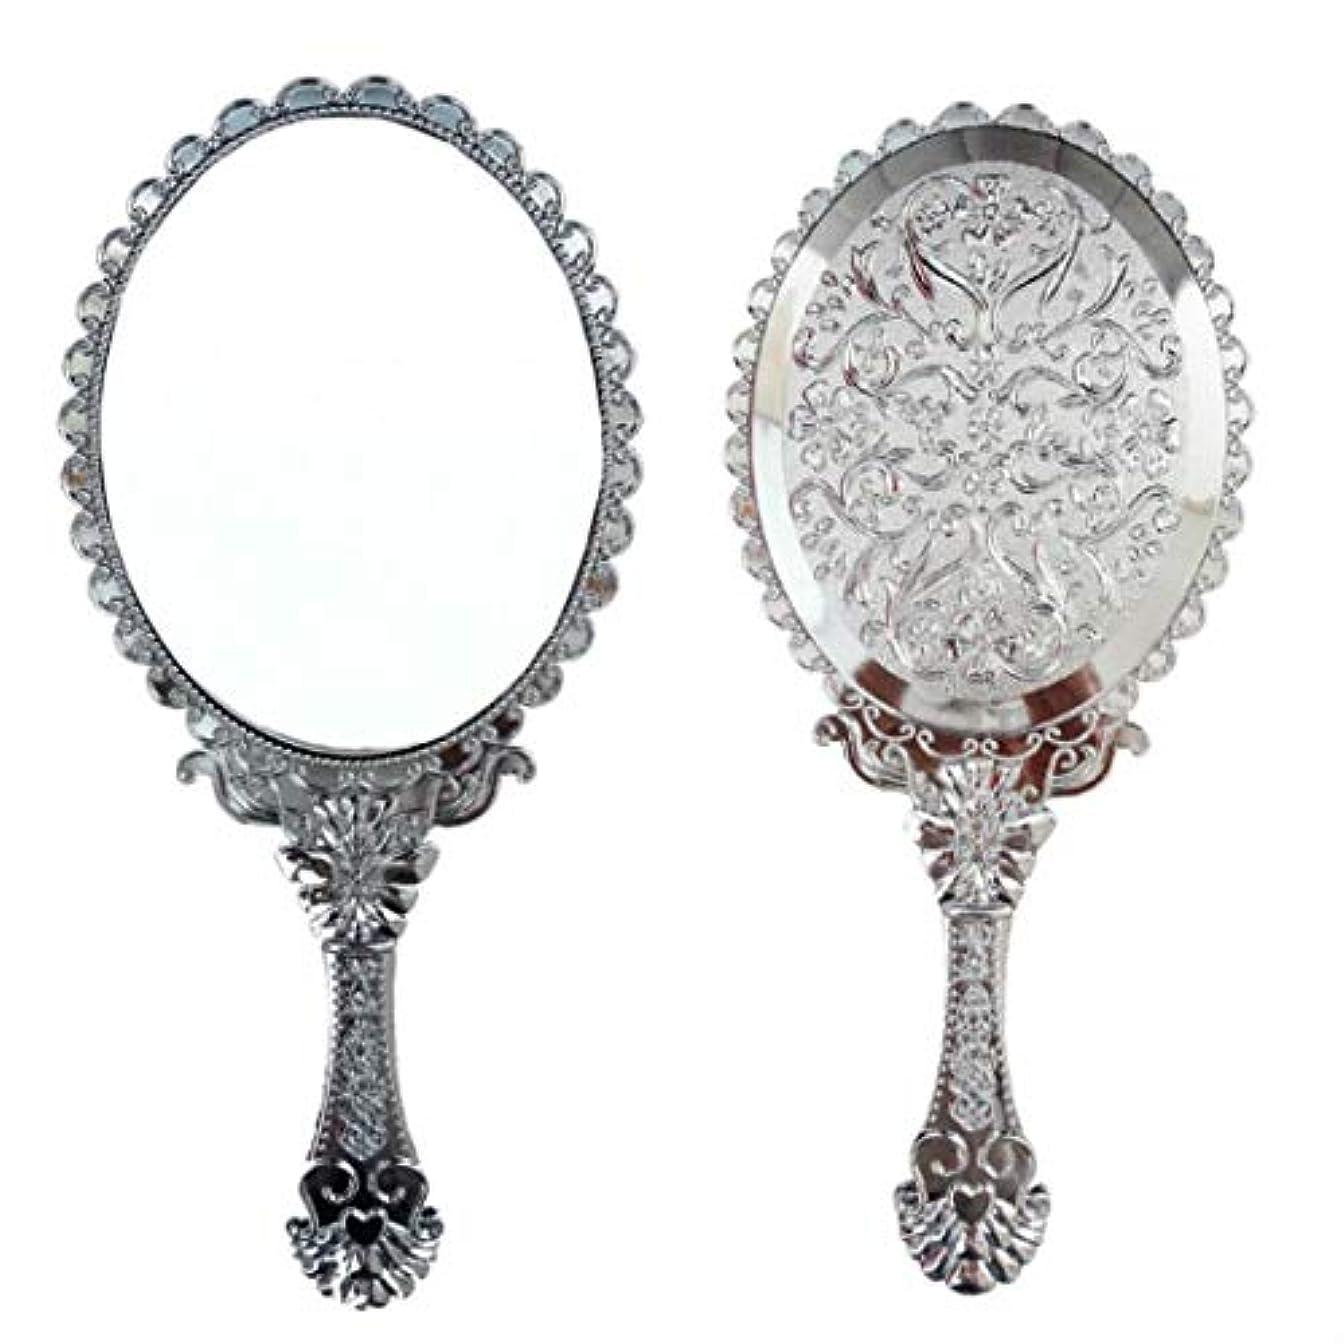 治療添付引く送料無料 トゥインクル 楕円の鏡 メイク ポーチ 化粧 ミラー 手鏡 姫系ハンドミラー シルバー